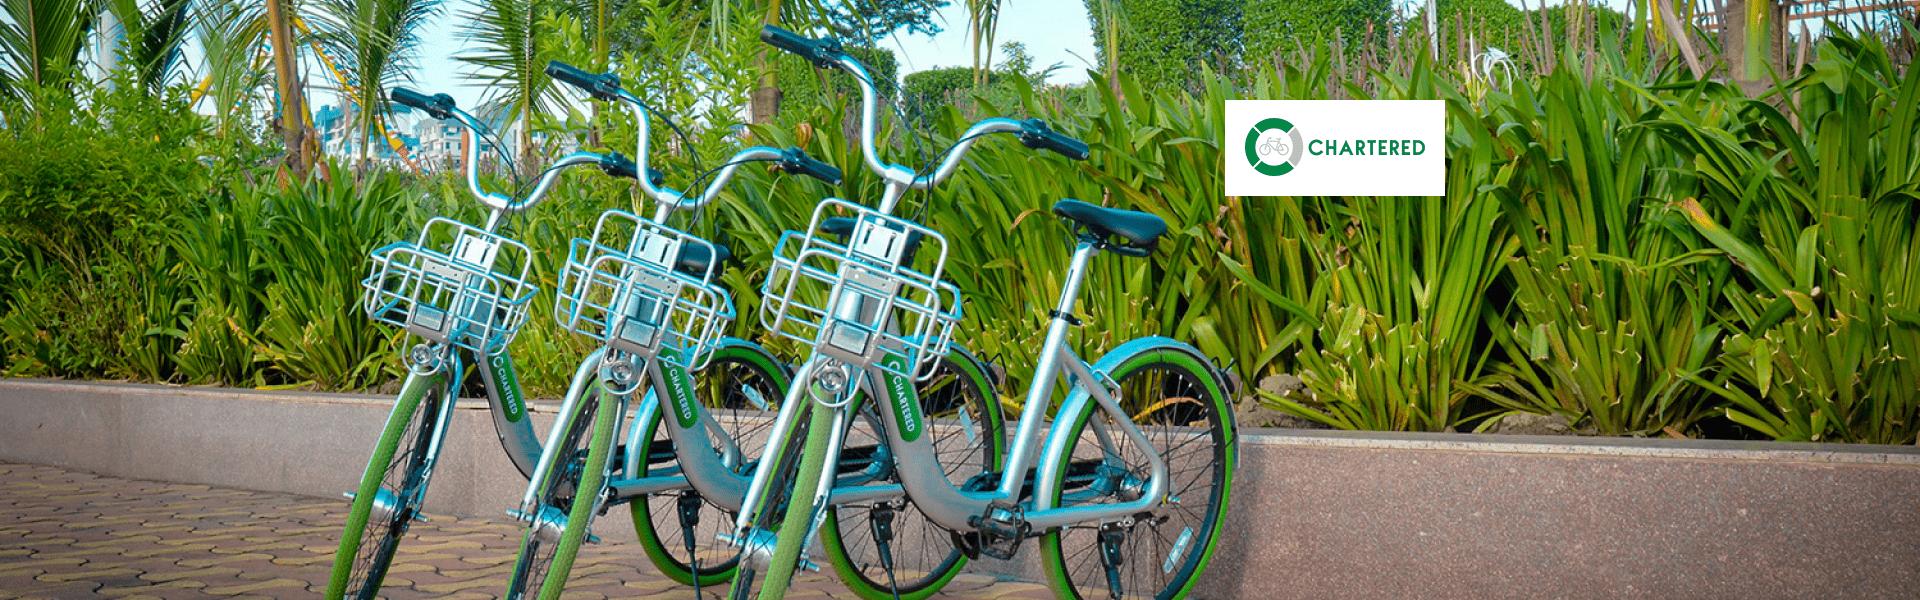 bike rental apps